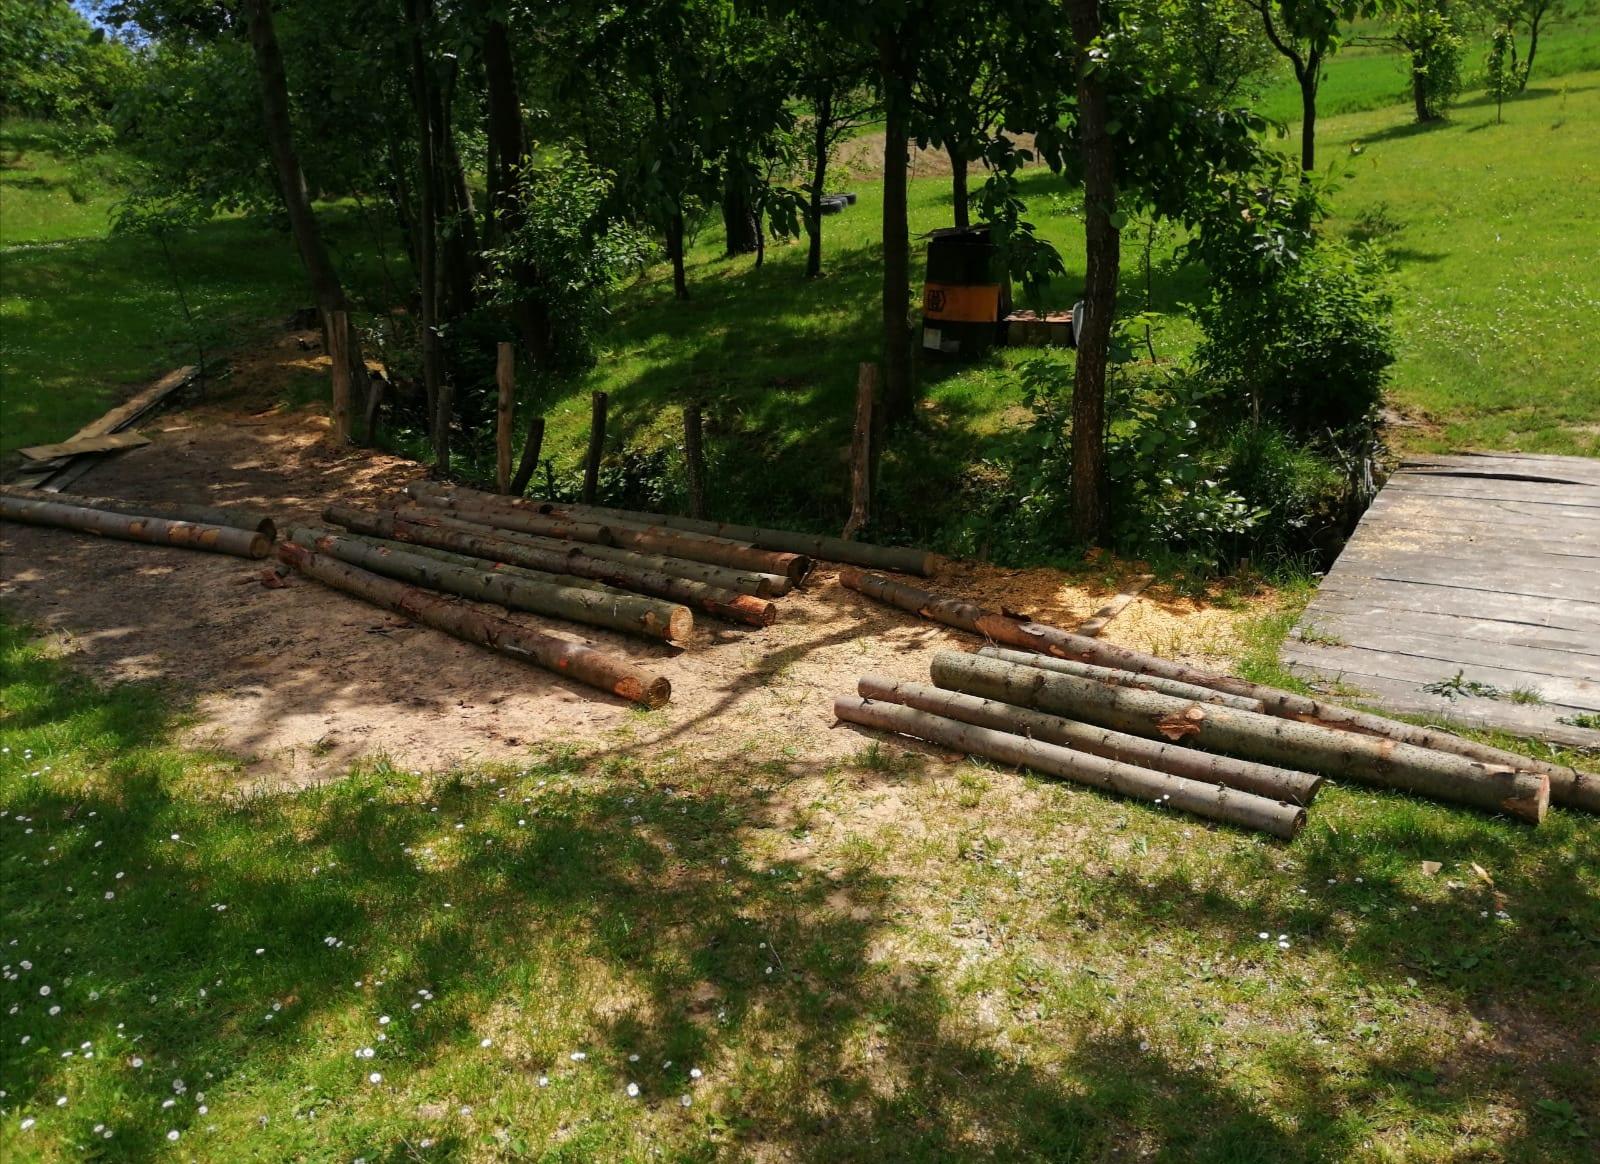 Złodziej drewna złapany. Pracowity dzień Straży Leśnej [ZDJĘCIA] - Zdjęcie główne